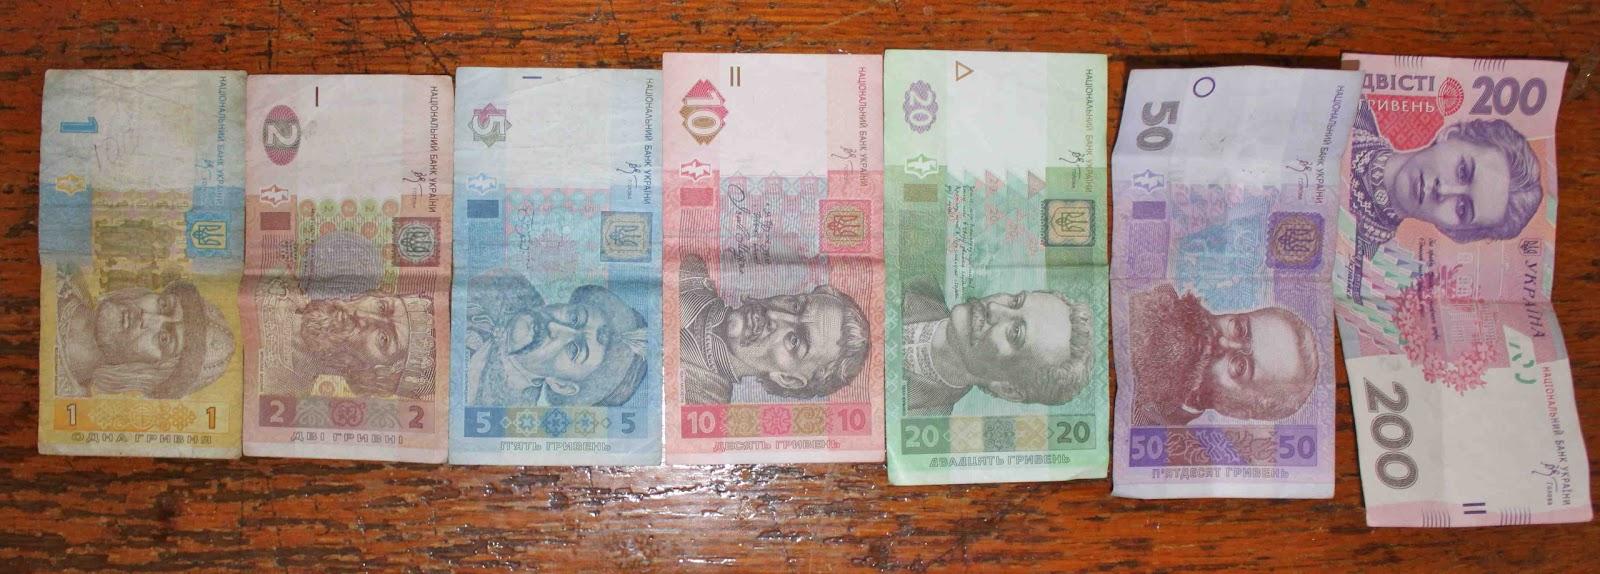 Eur grivna торги на межбанке